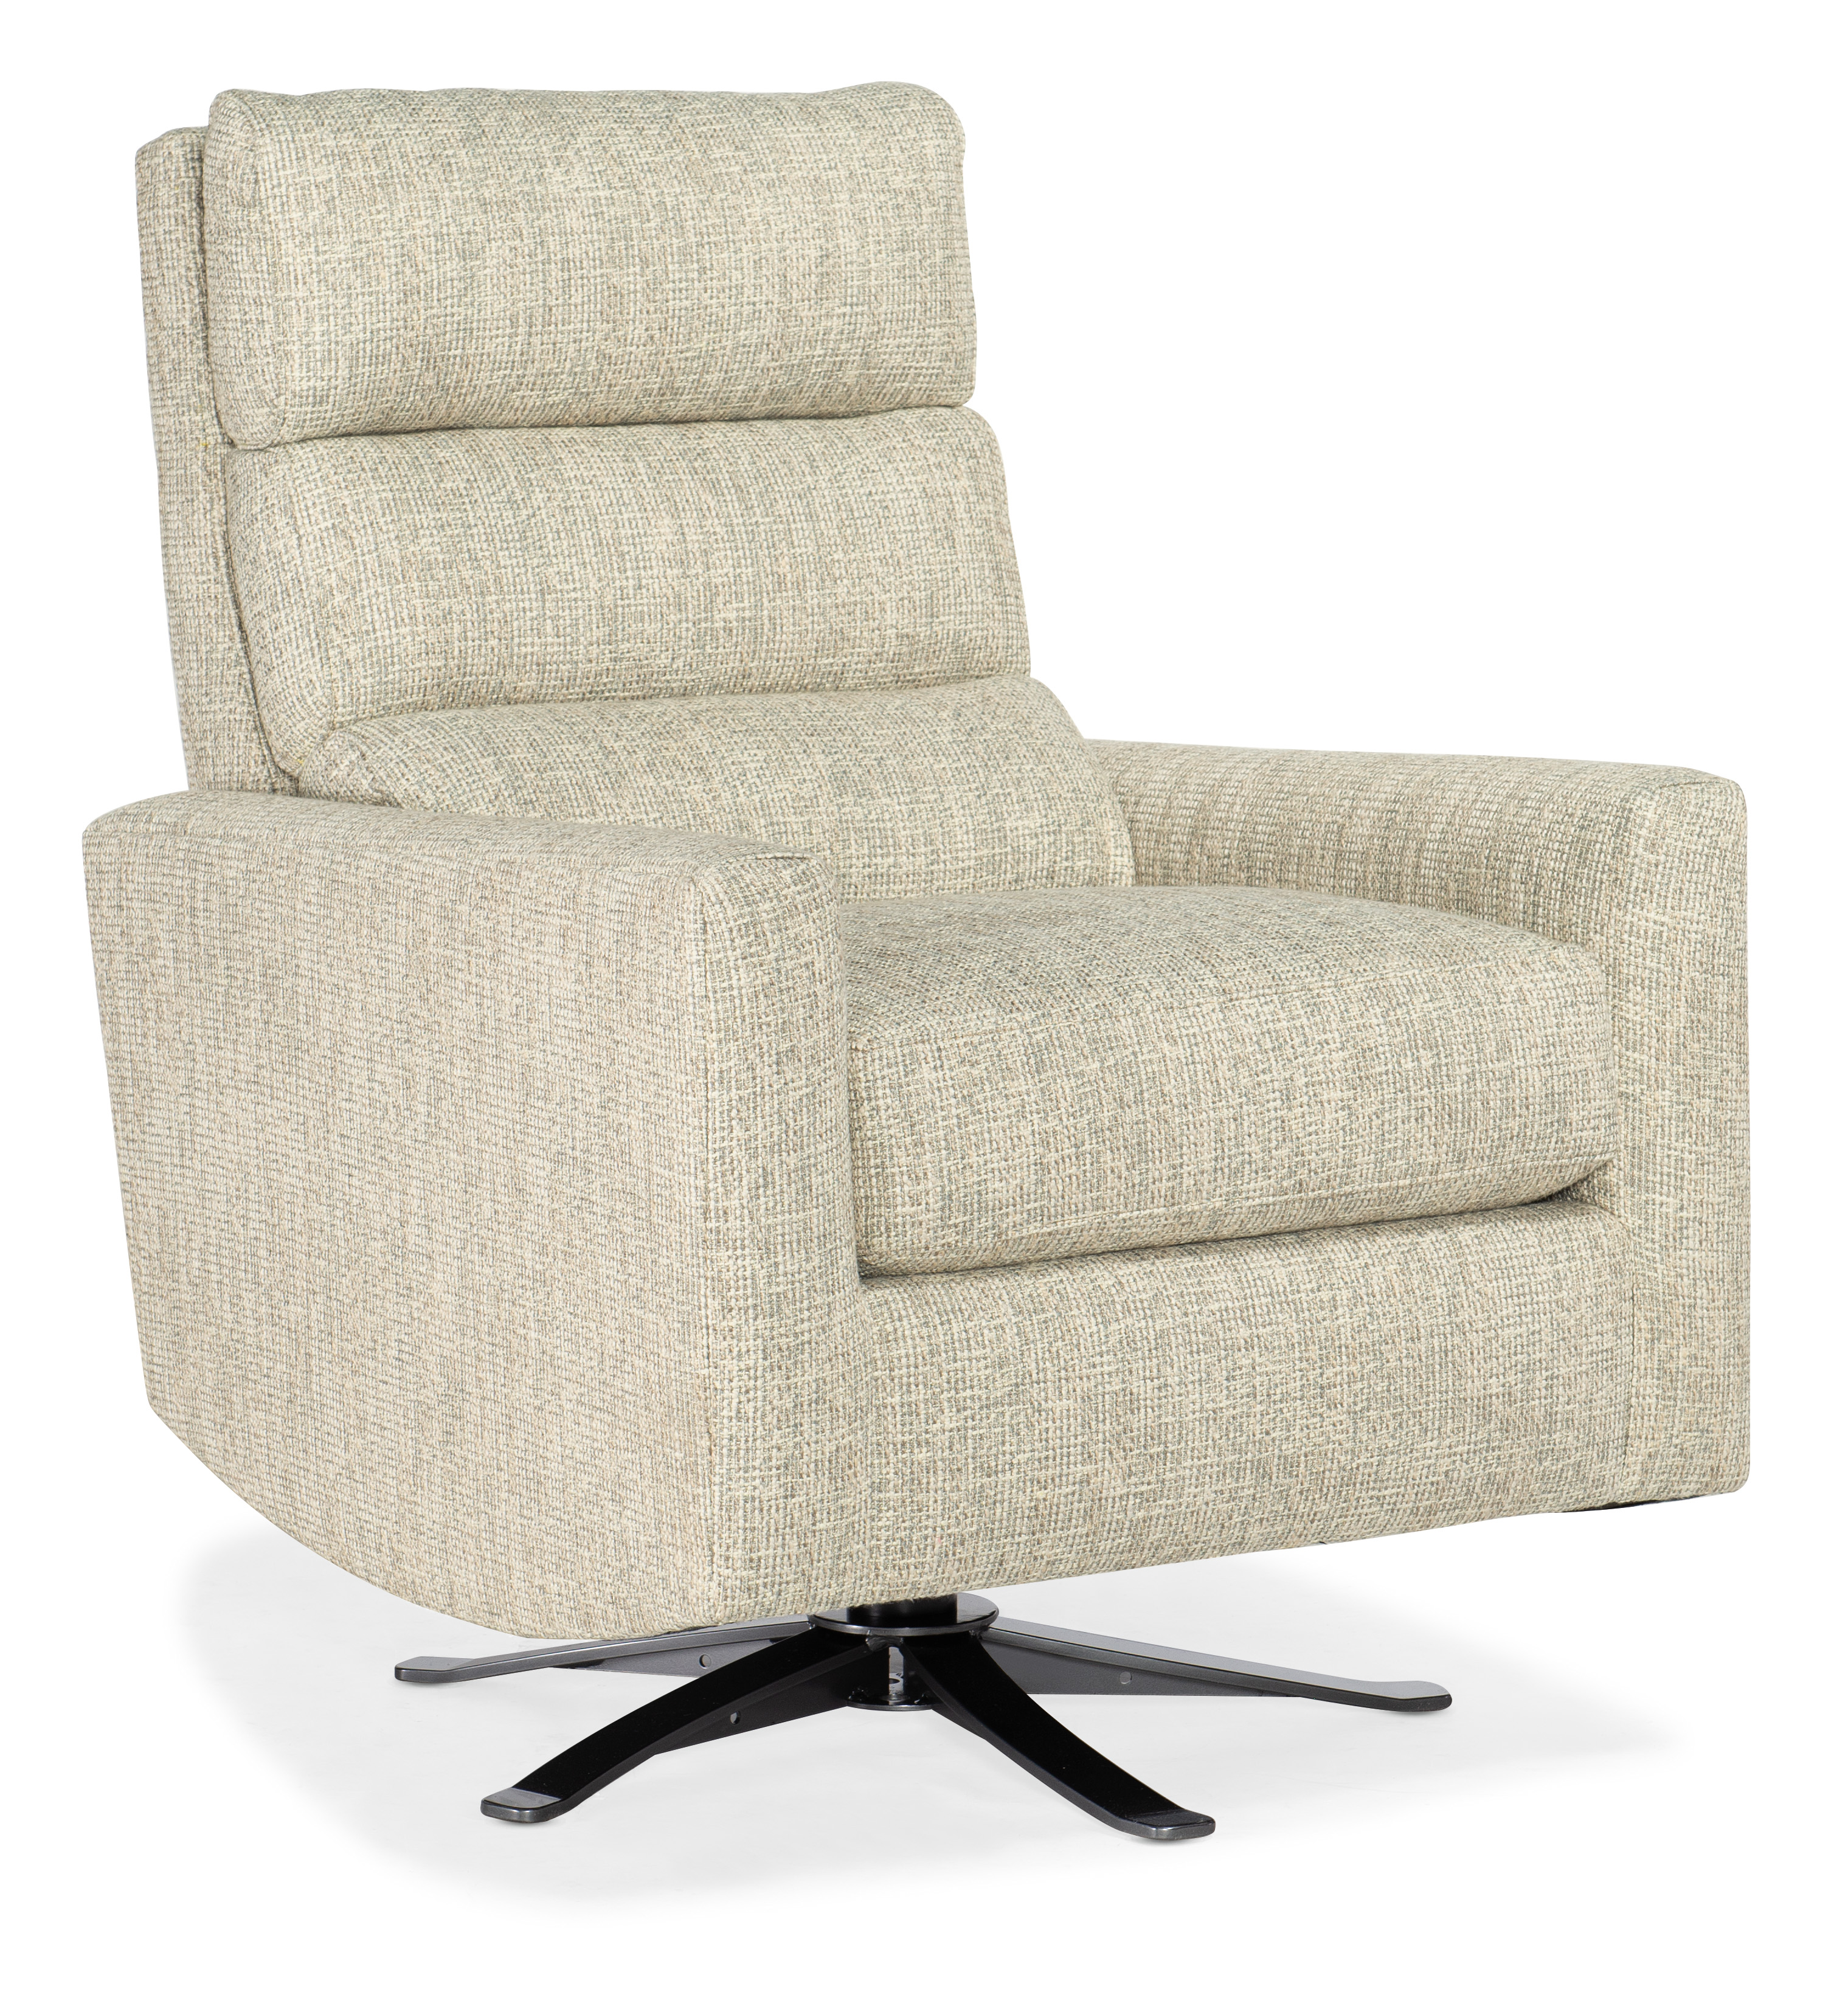 Swivel Chair w/ Metal Base